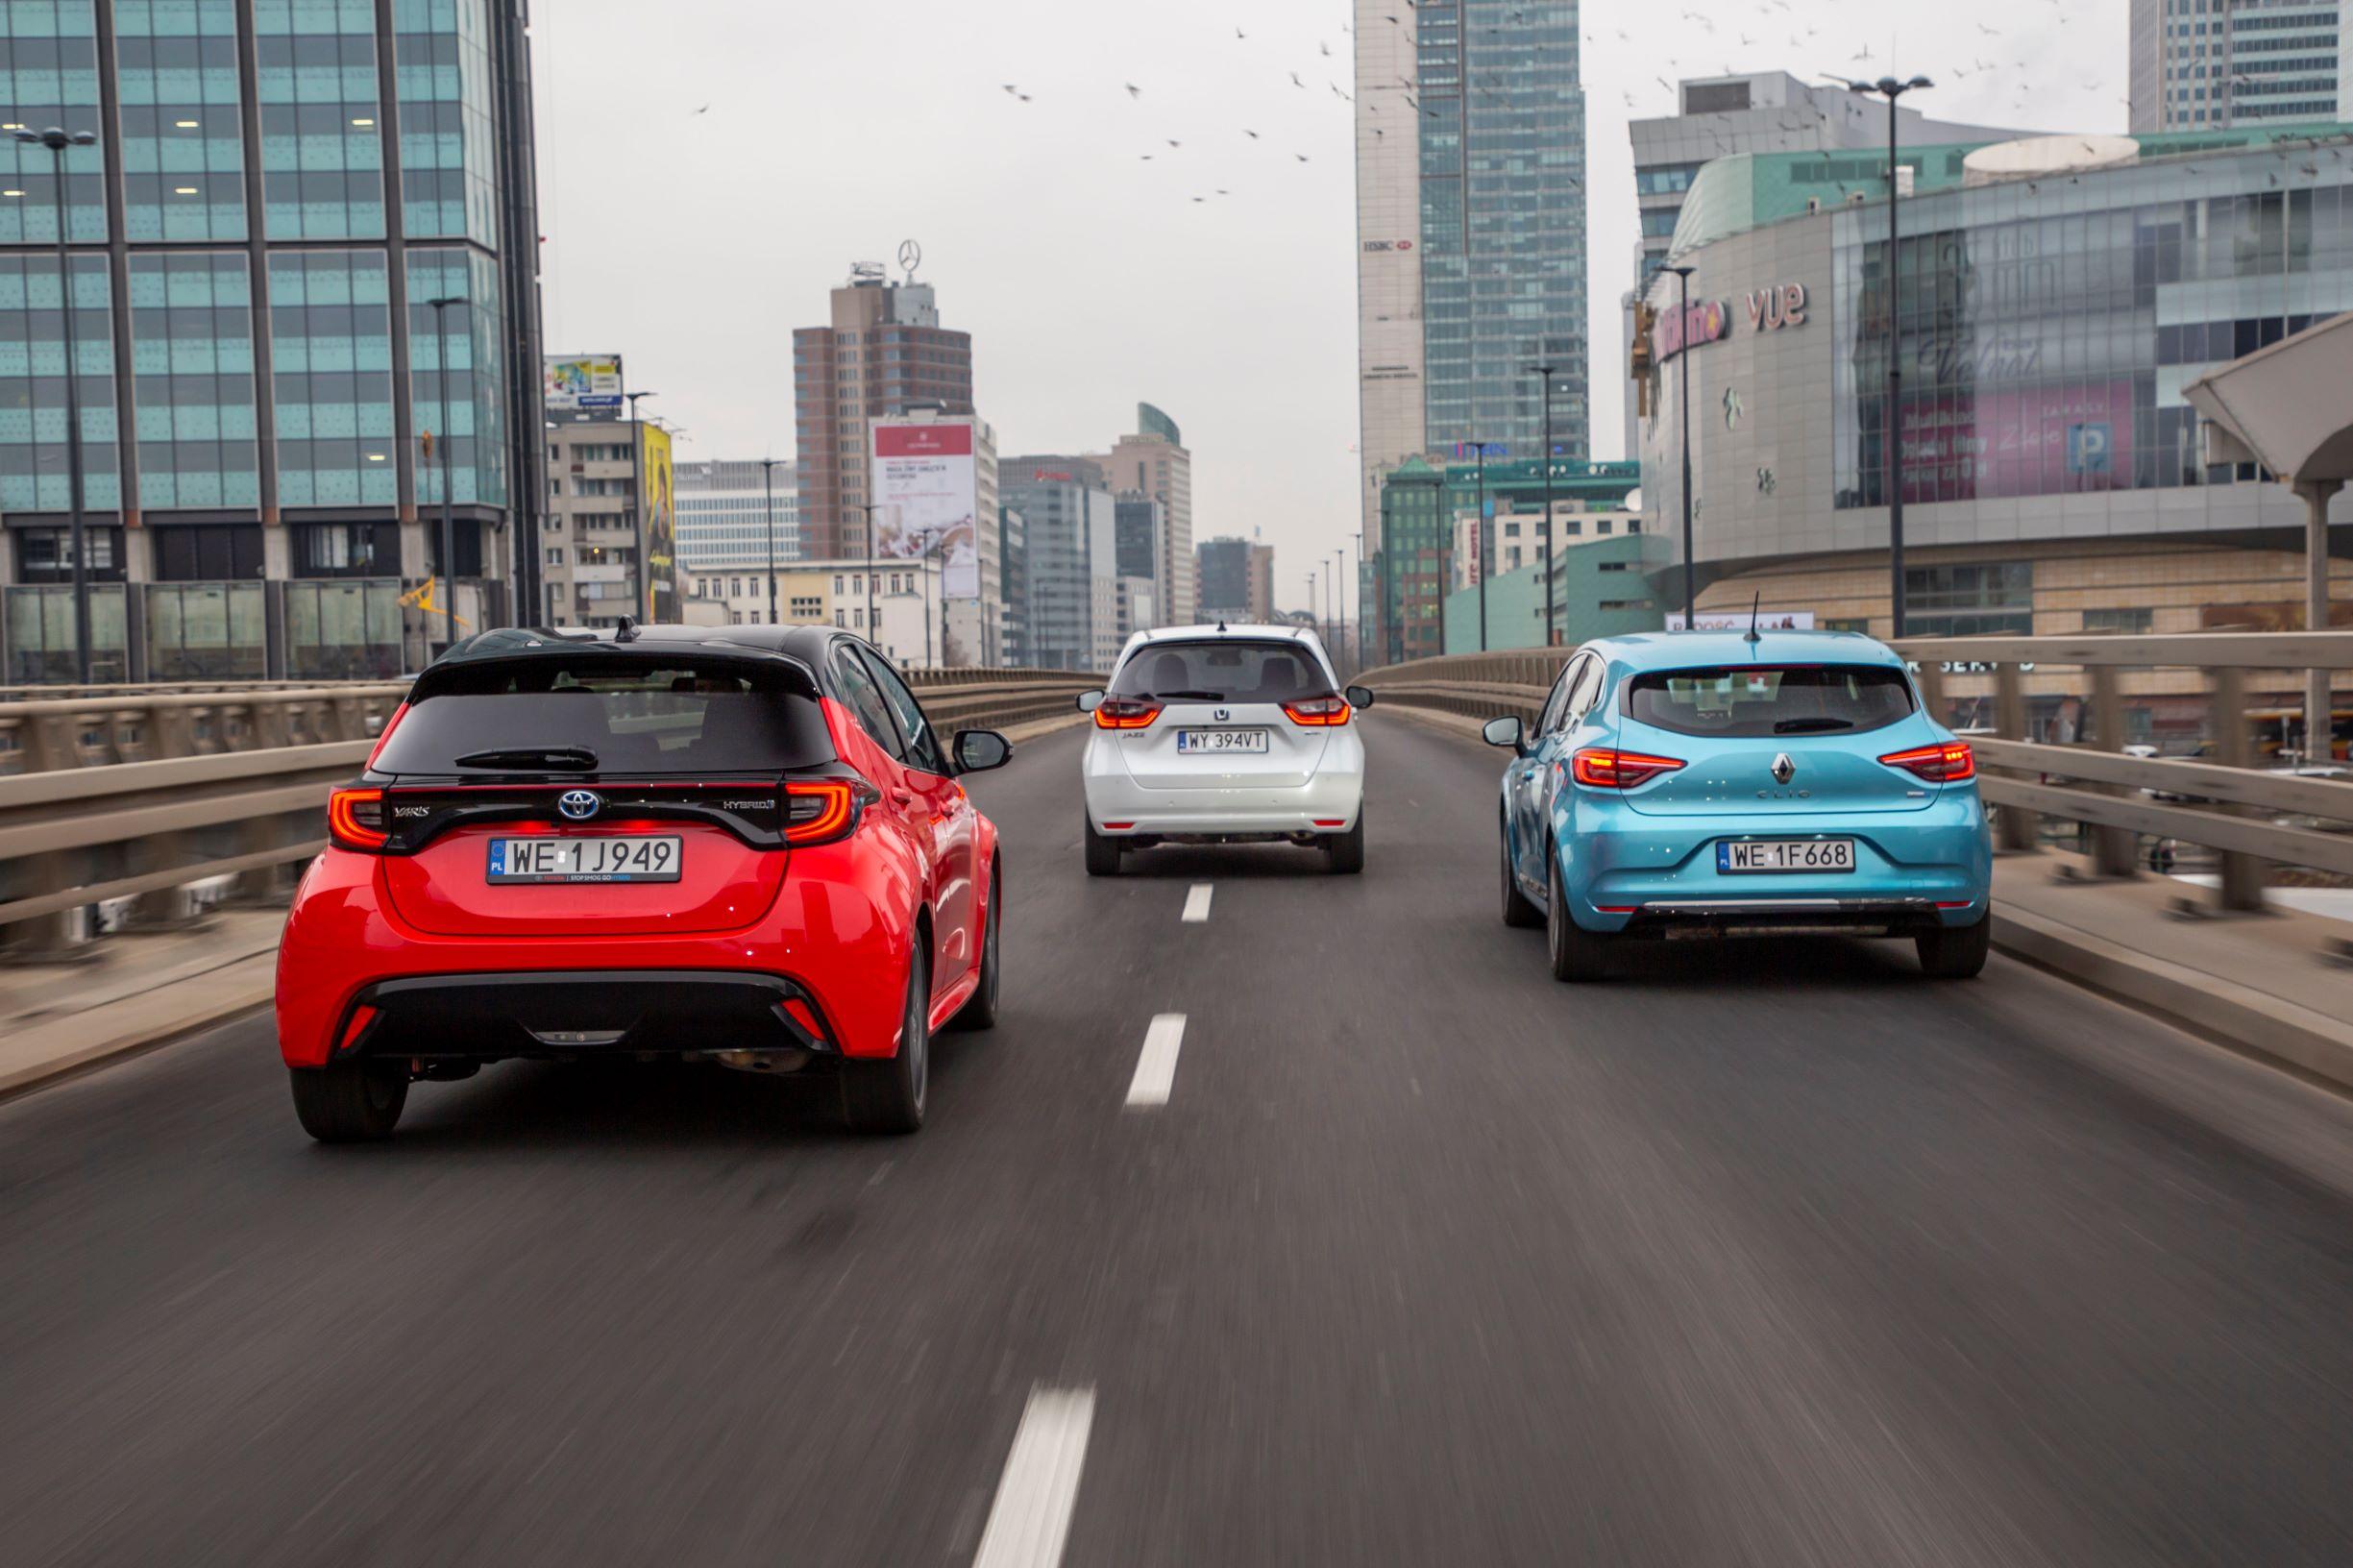 Honda Jazz, Renault Clio, Toyota Yaris